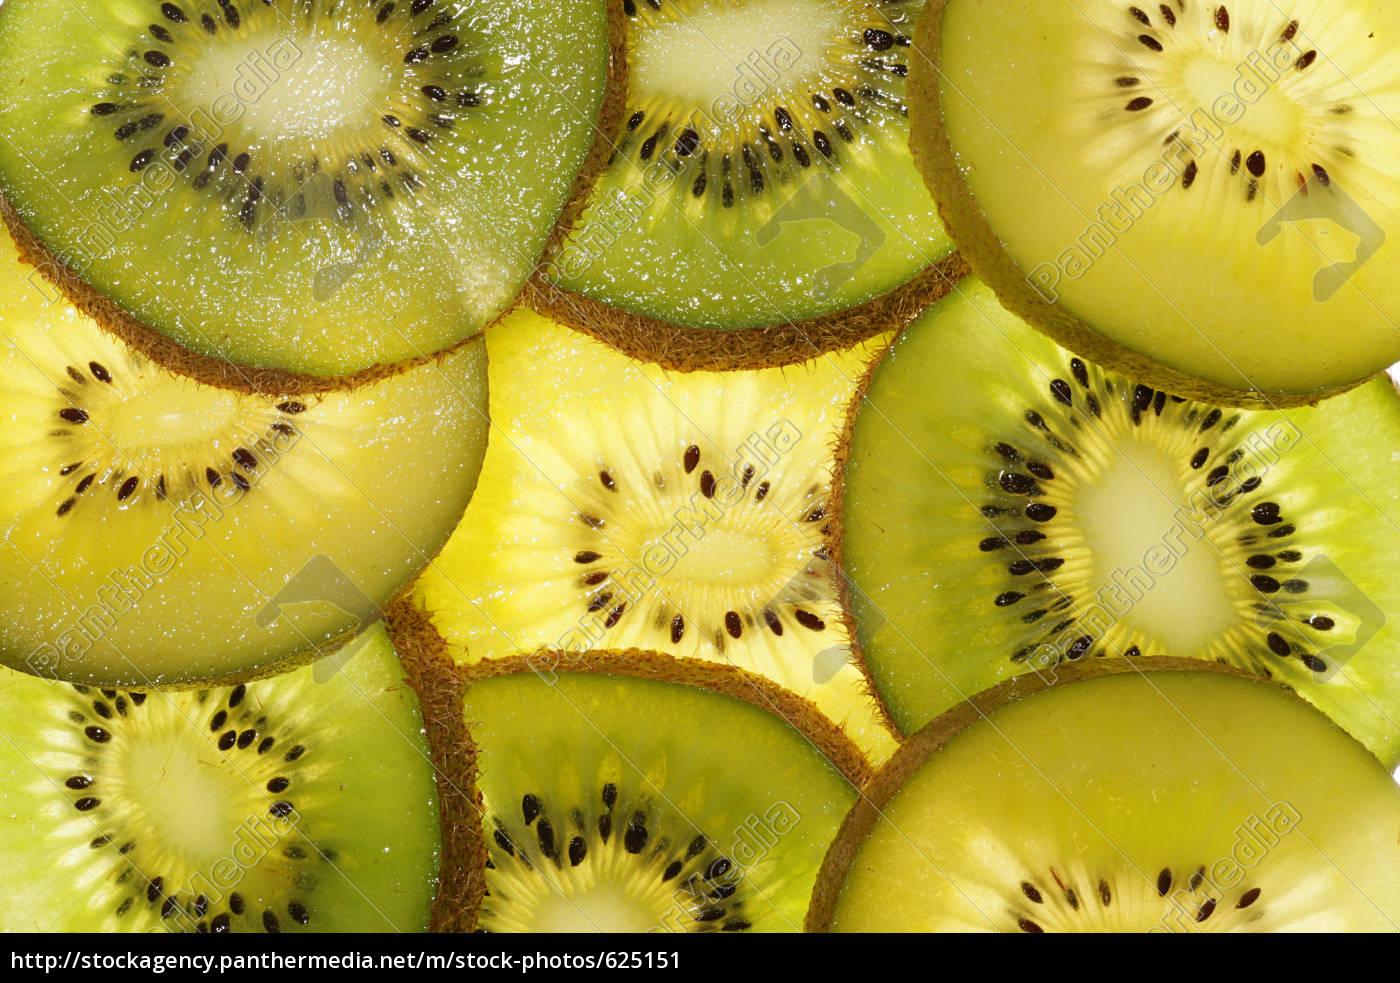 kiwi - 625151